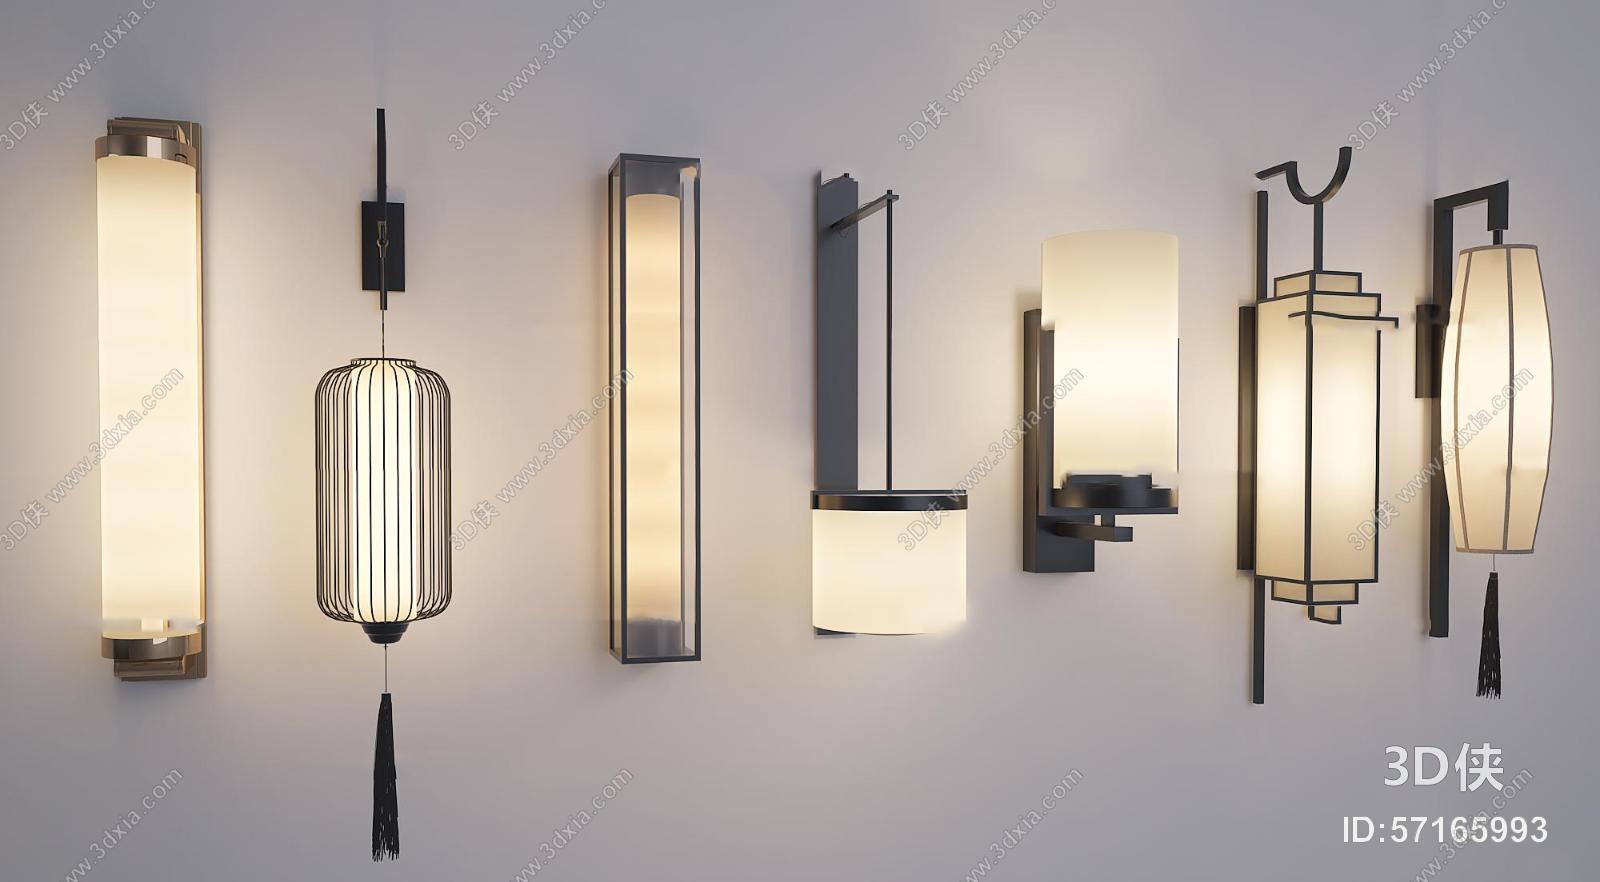 壁灯效果图素材免费下载,本作品主题是新中式壁灯组合3d模型,编号是